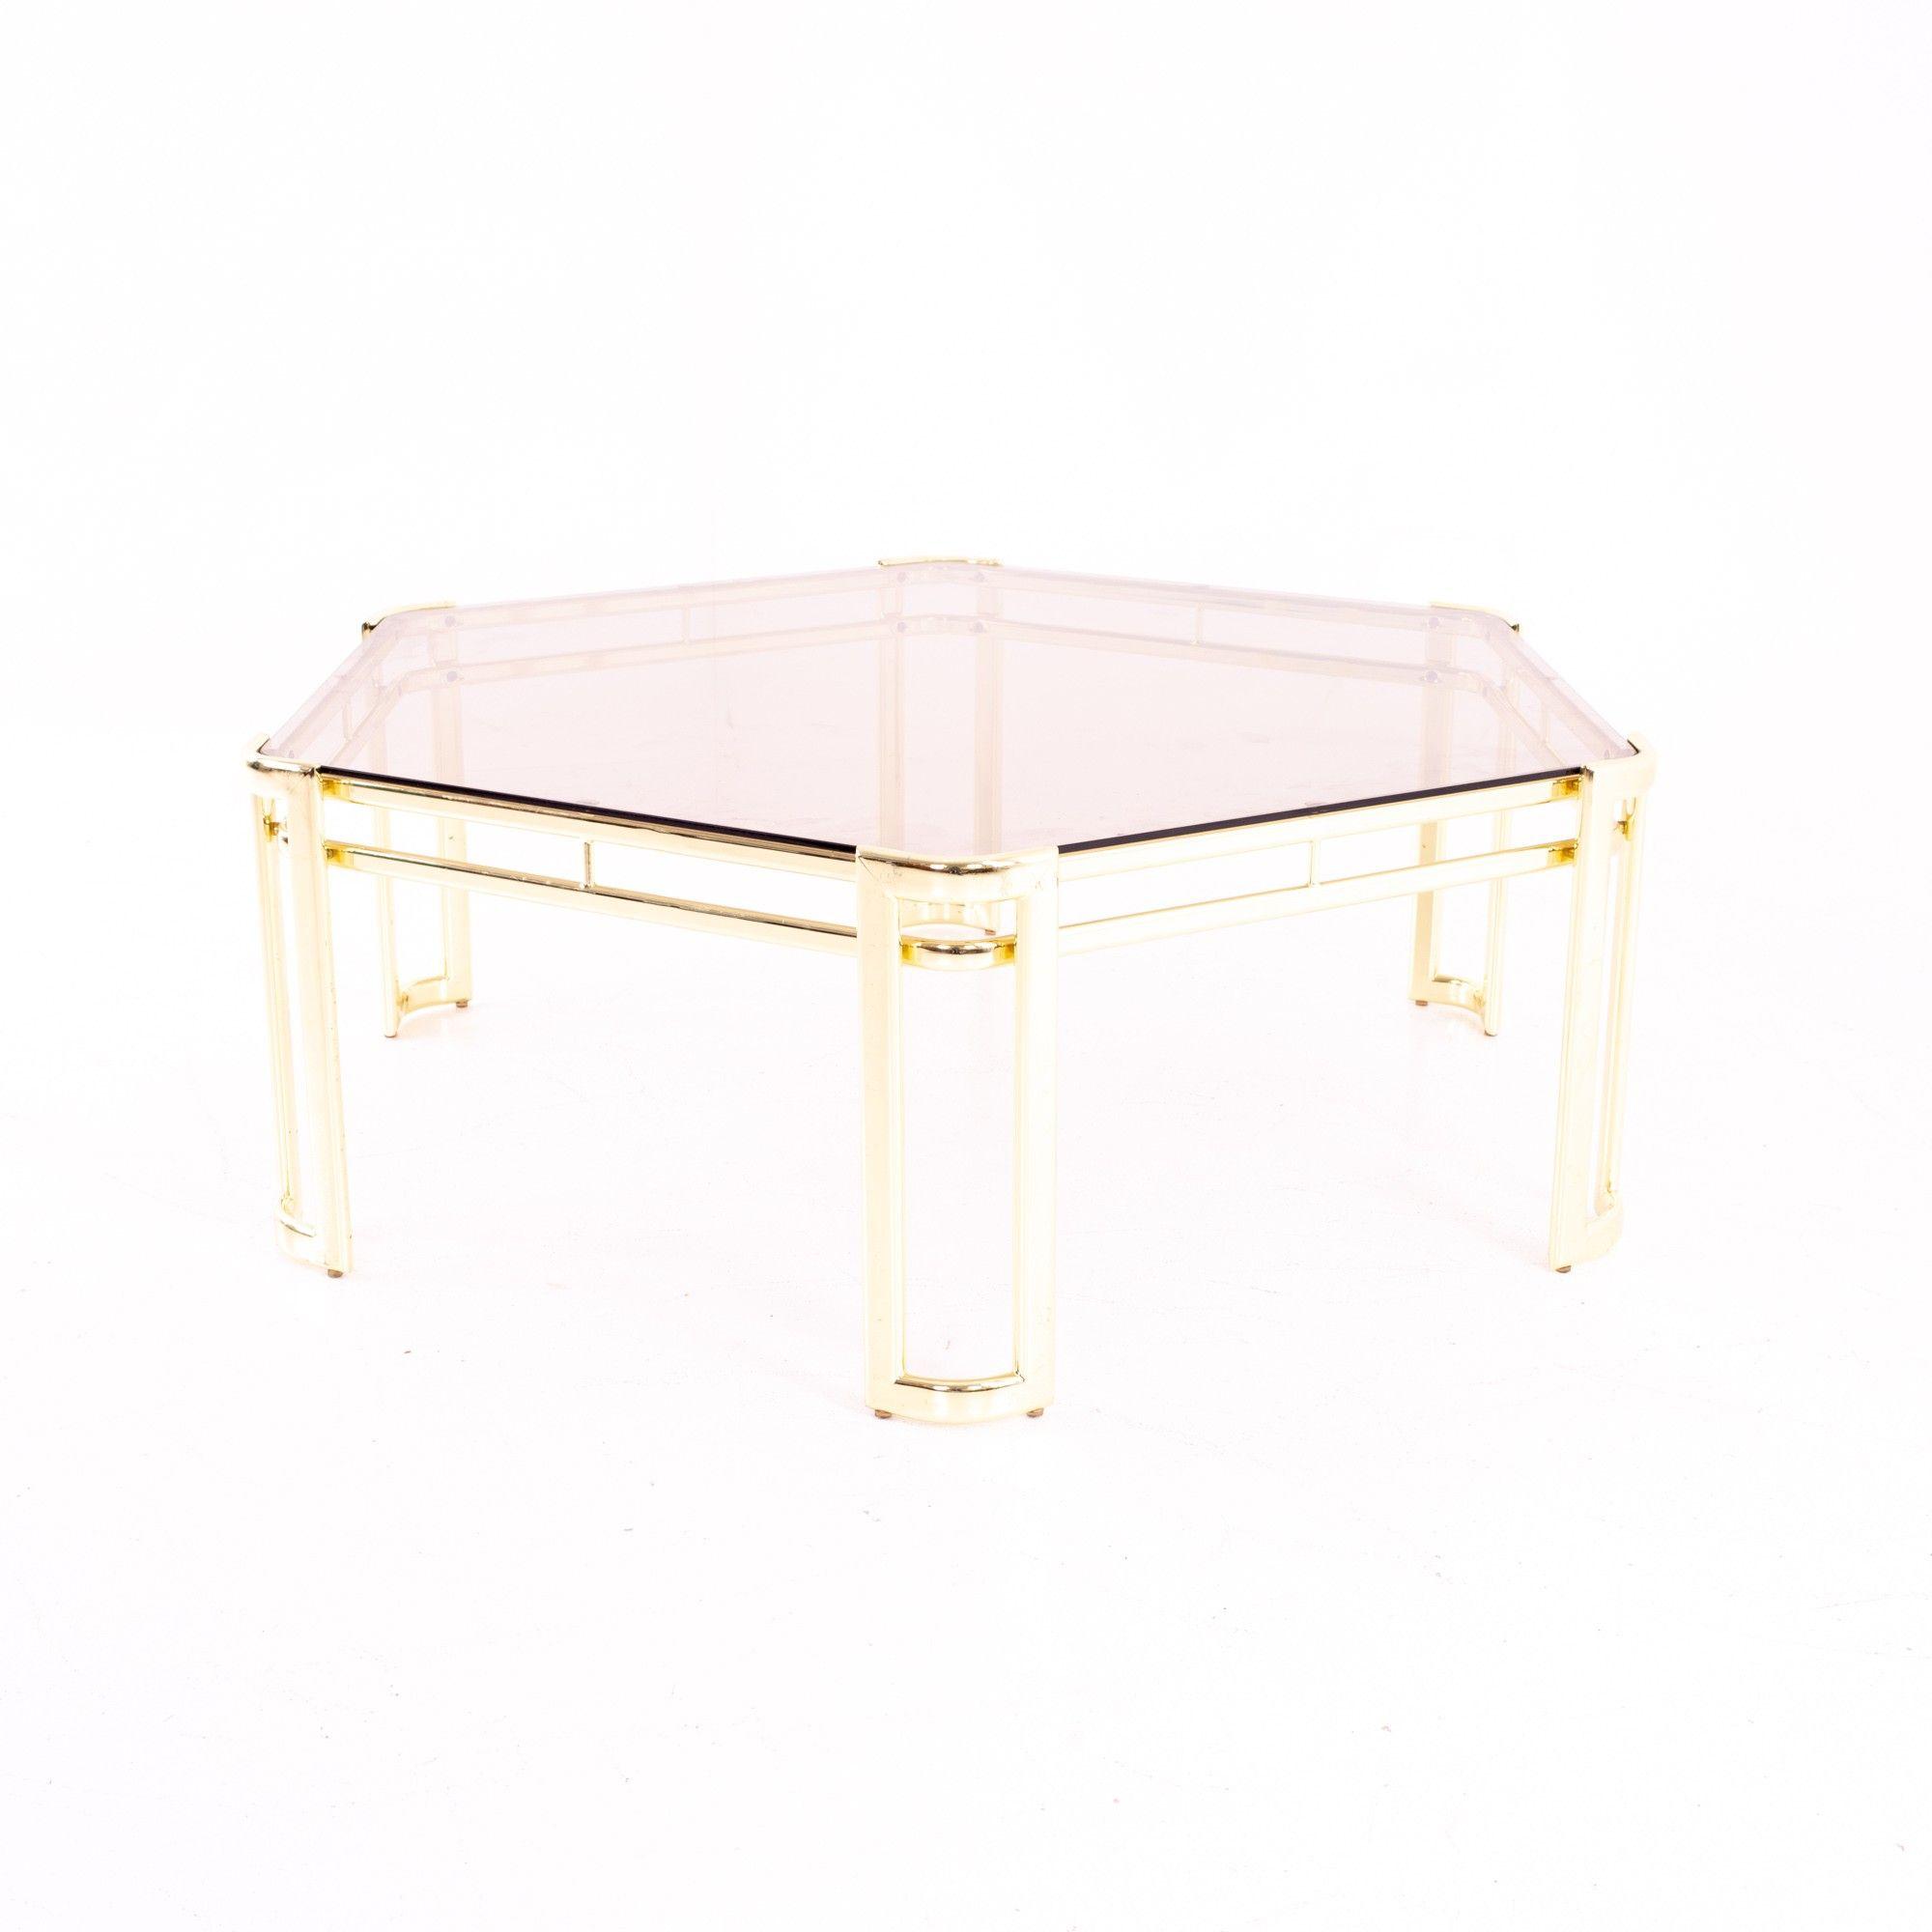 Morex Mid Century Hexagonal Smoked Glass And Brass Coffee Table Brass Coffee Table Mid Century Coffee Table Coffee Table [ 2000 x 2000 Pixel ]